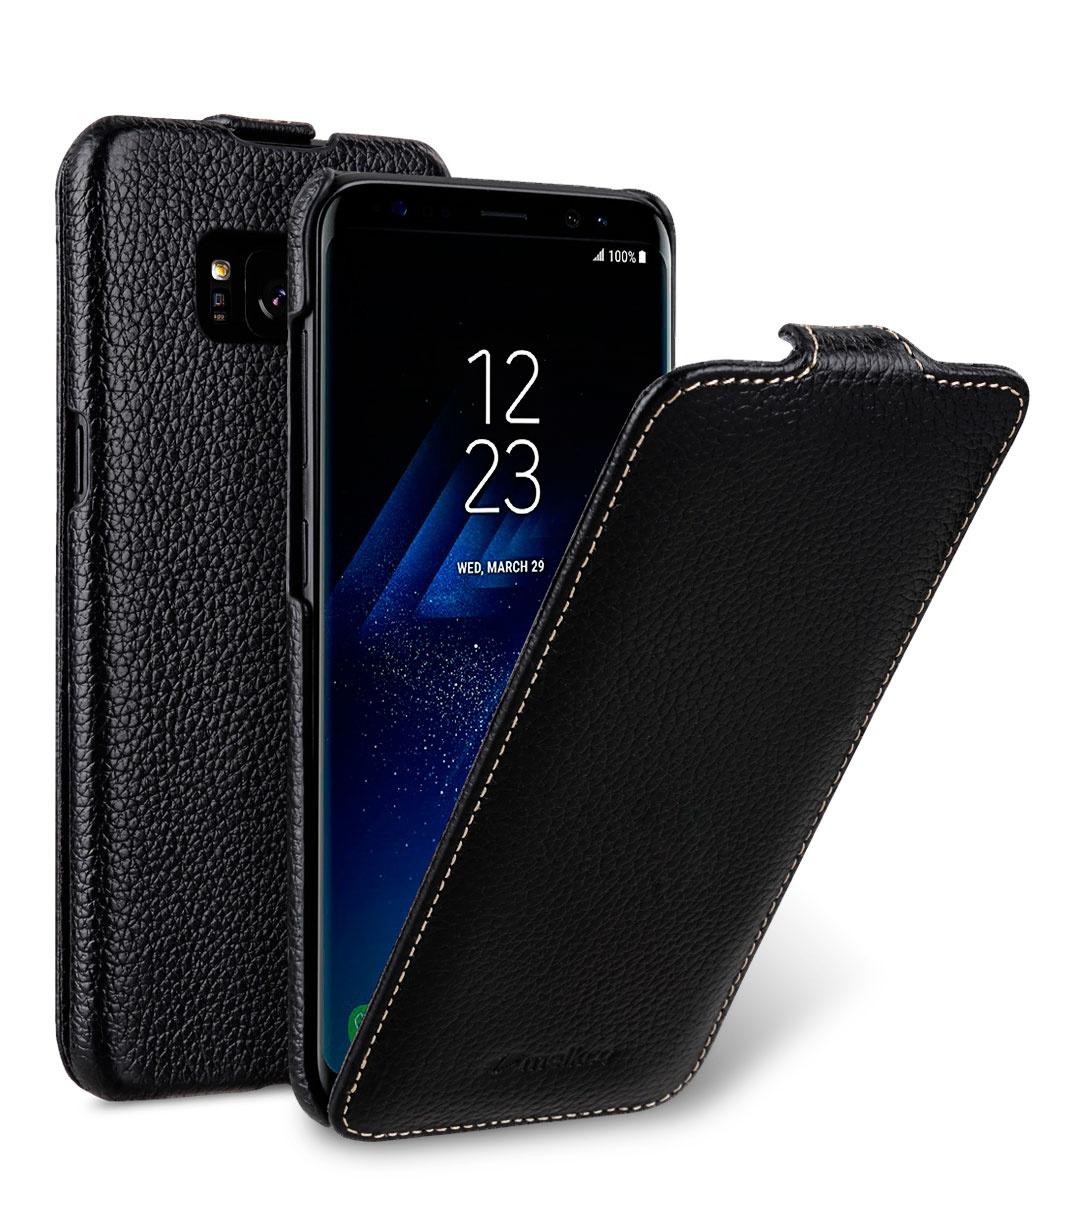 Чехол для сотового телефона Melkco Кожаный чехол флип для Samsung Galaxy S8, черный